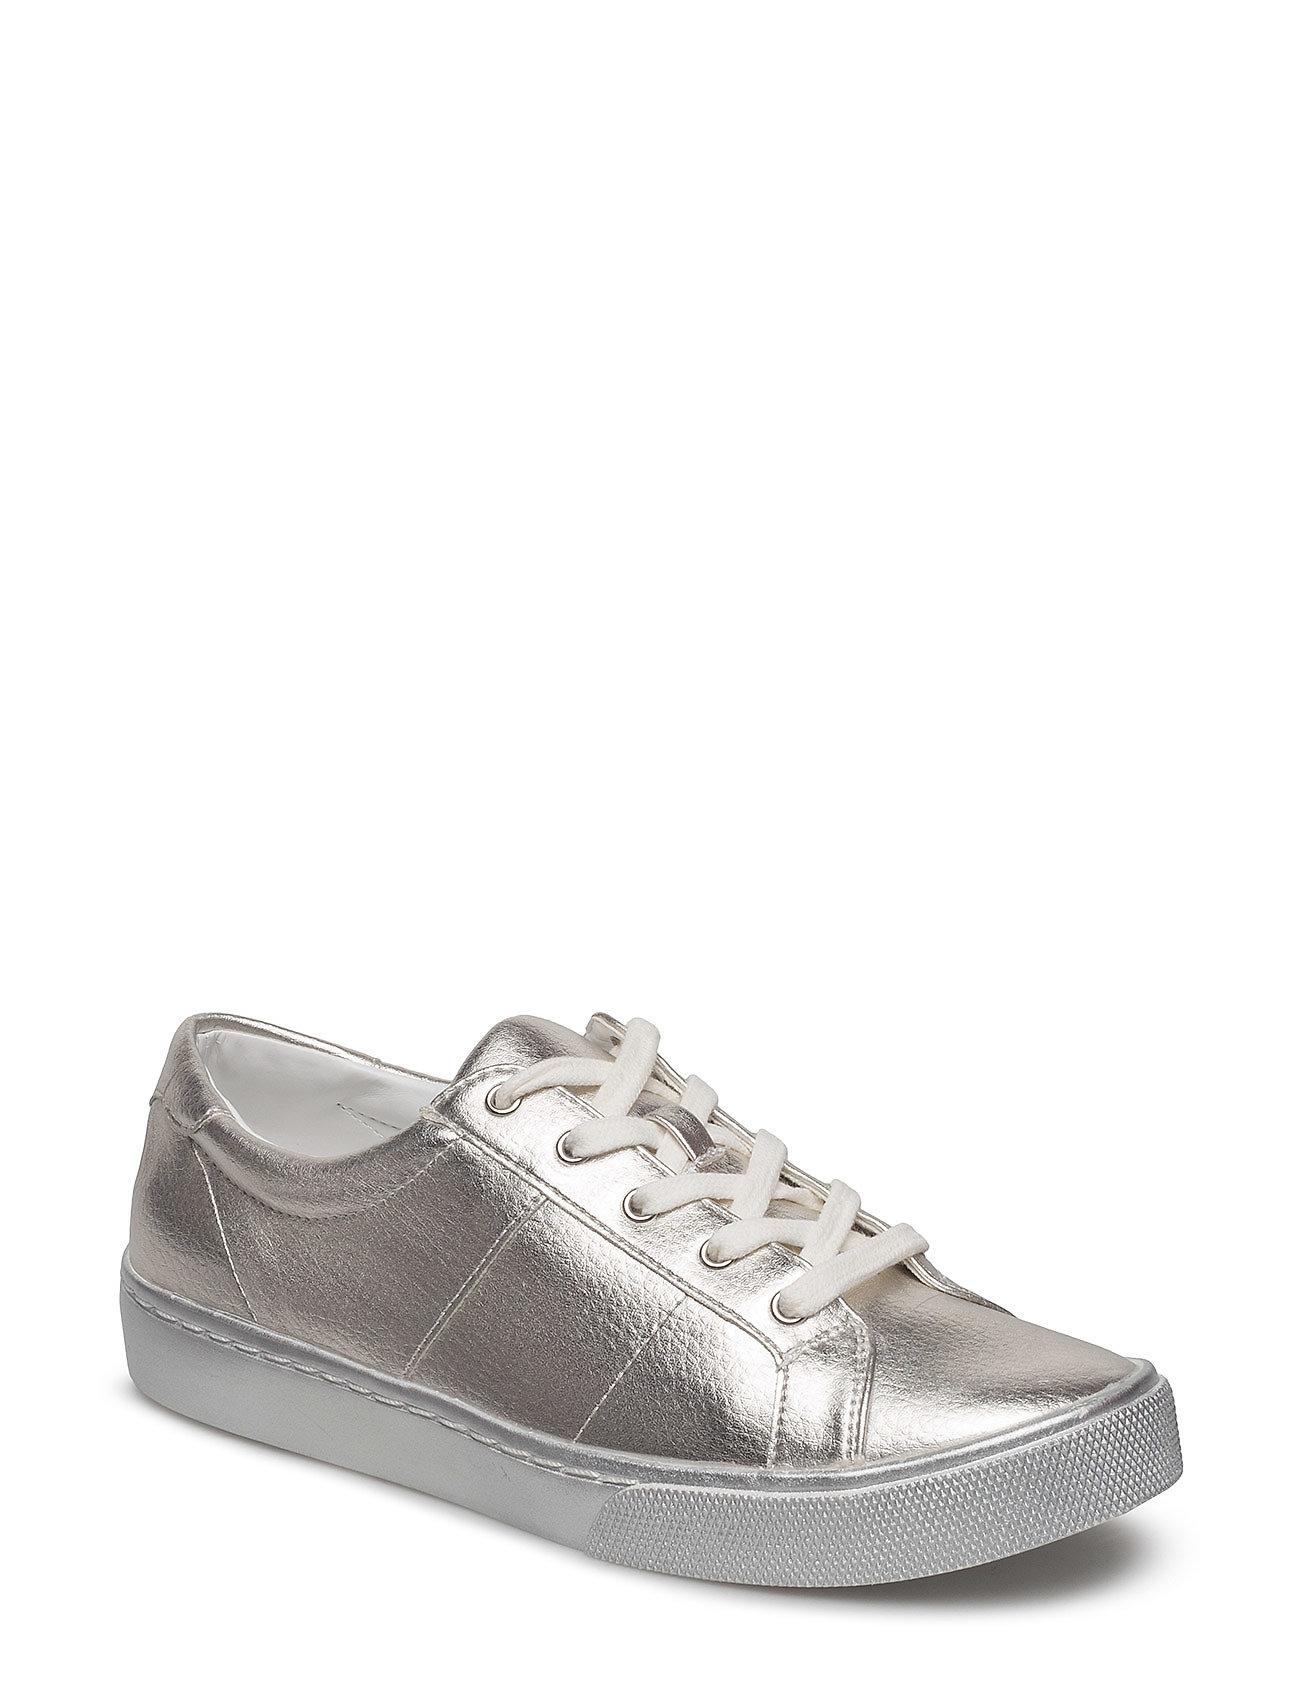 Metallic Effect Sneakers Mango Sneakers til Damer i Sølv